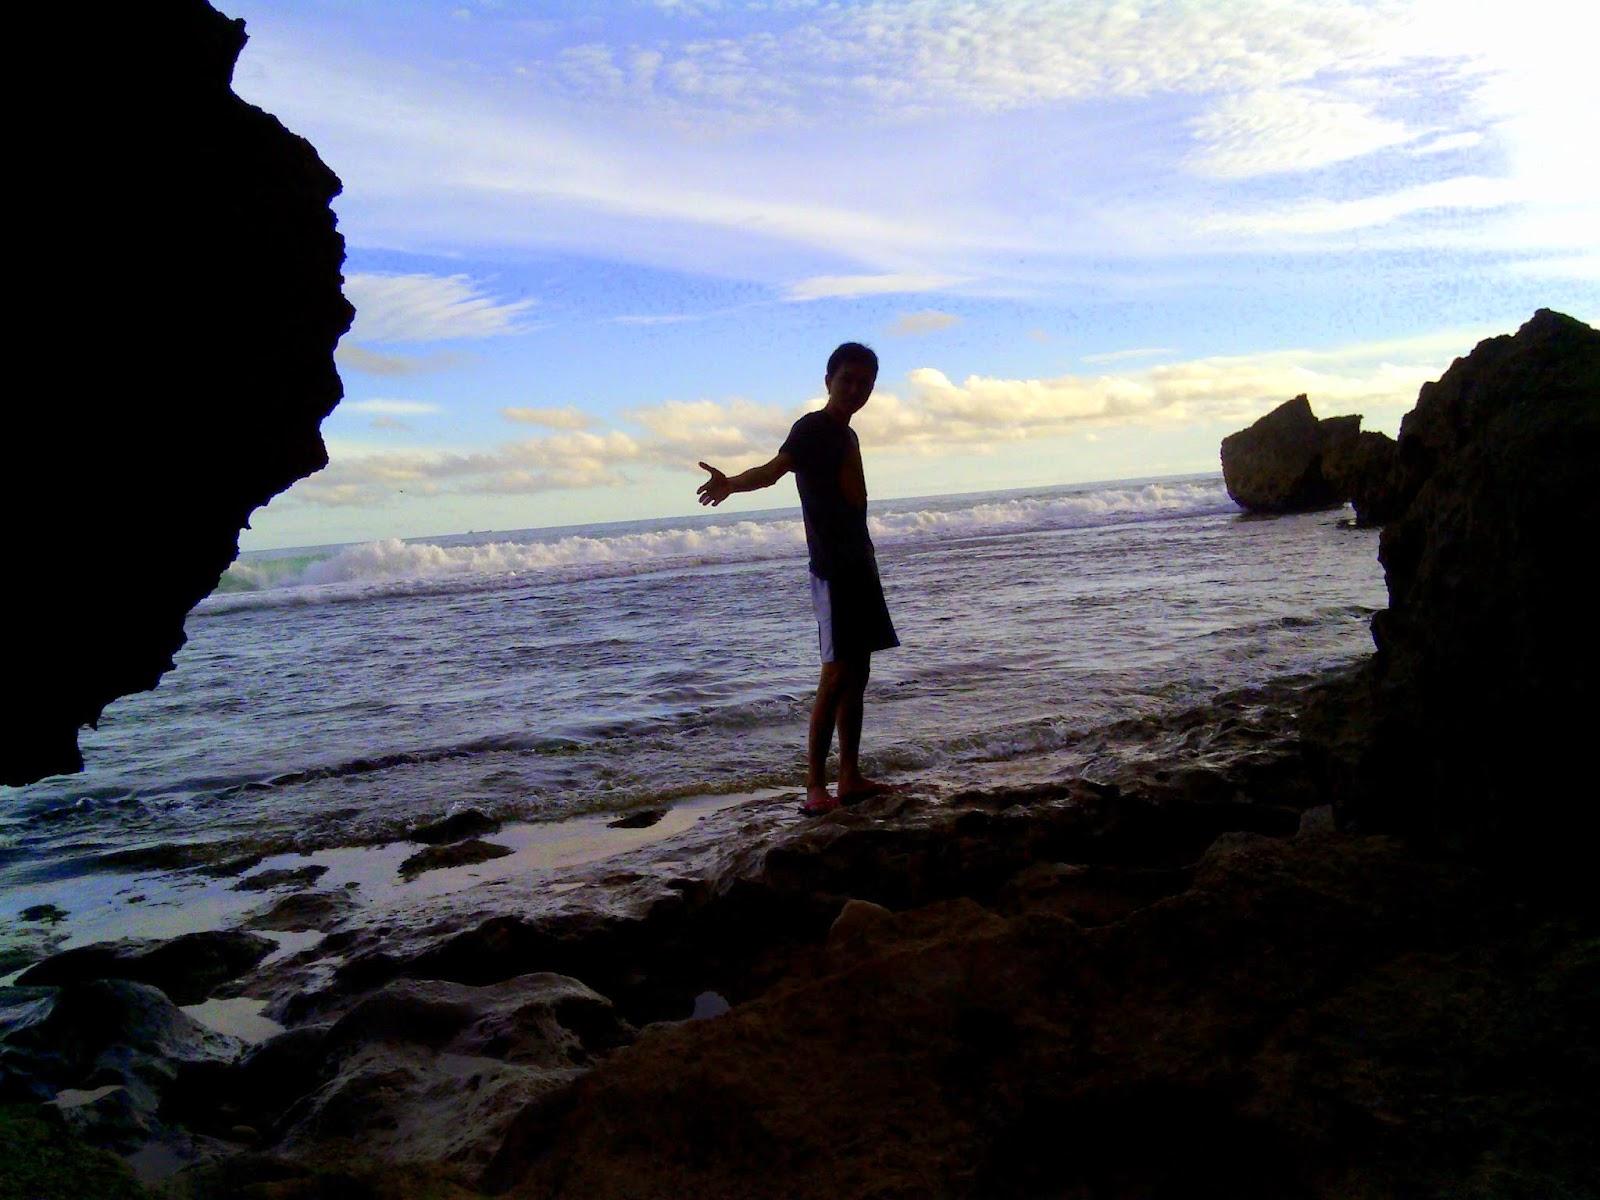 Pantai ngobaran wonosari gunung kidul jogja 4